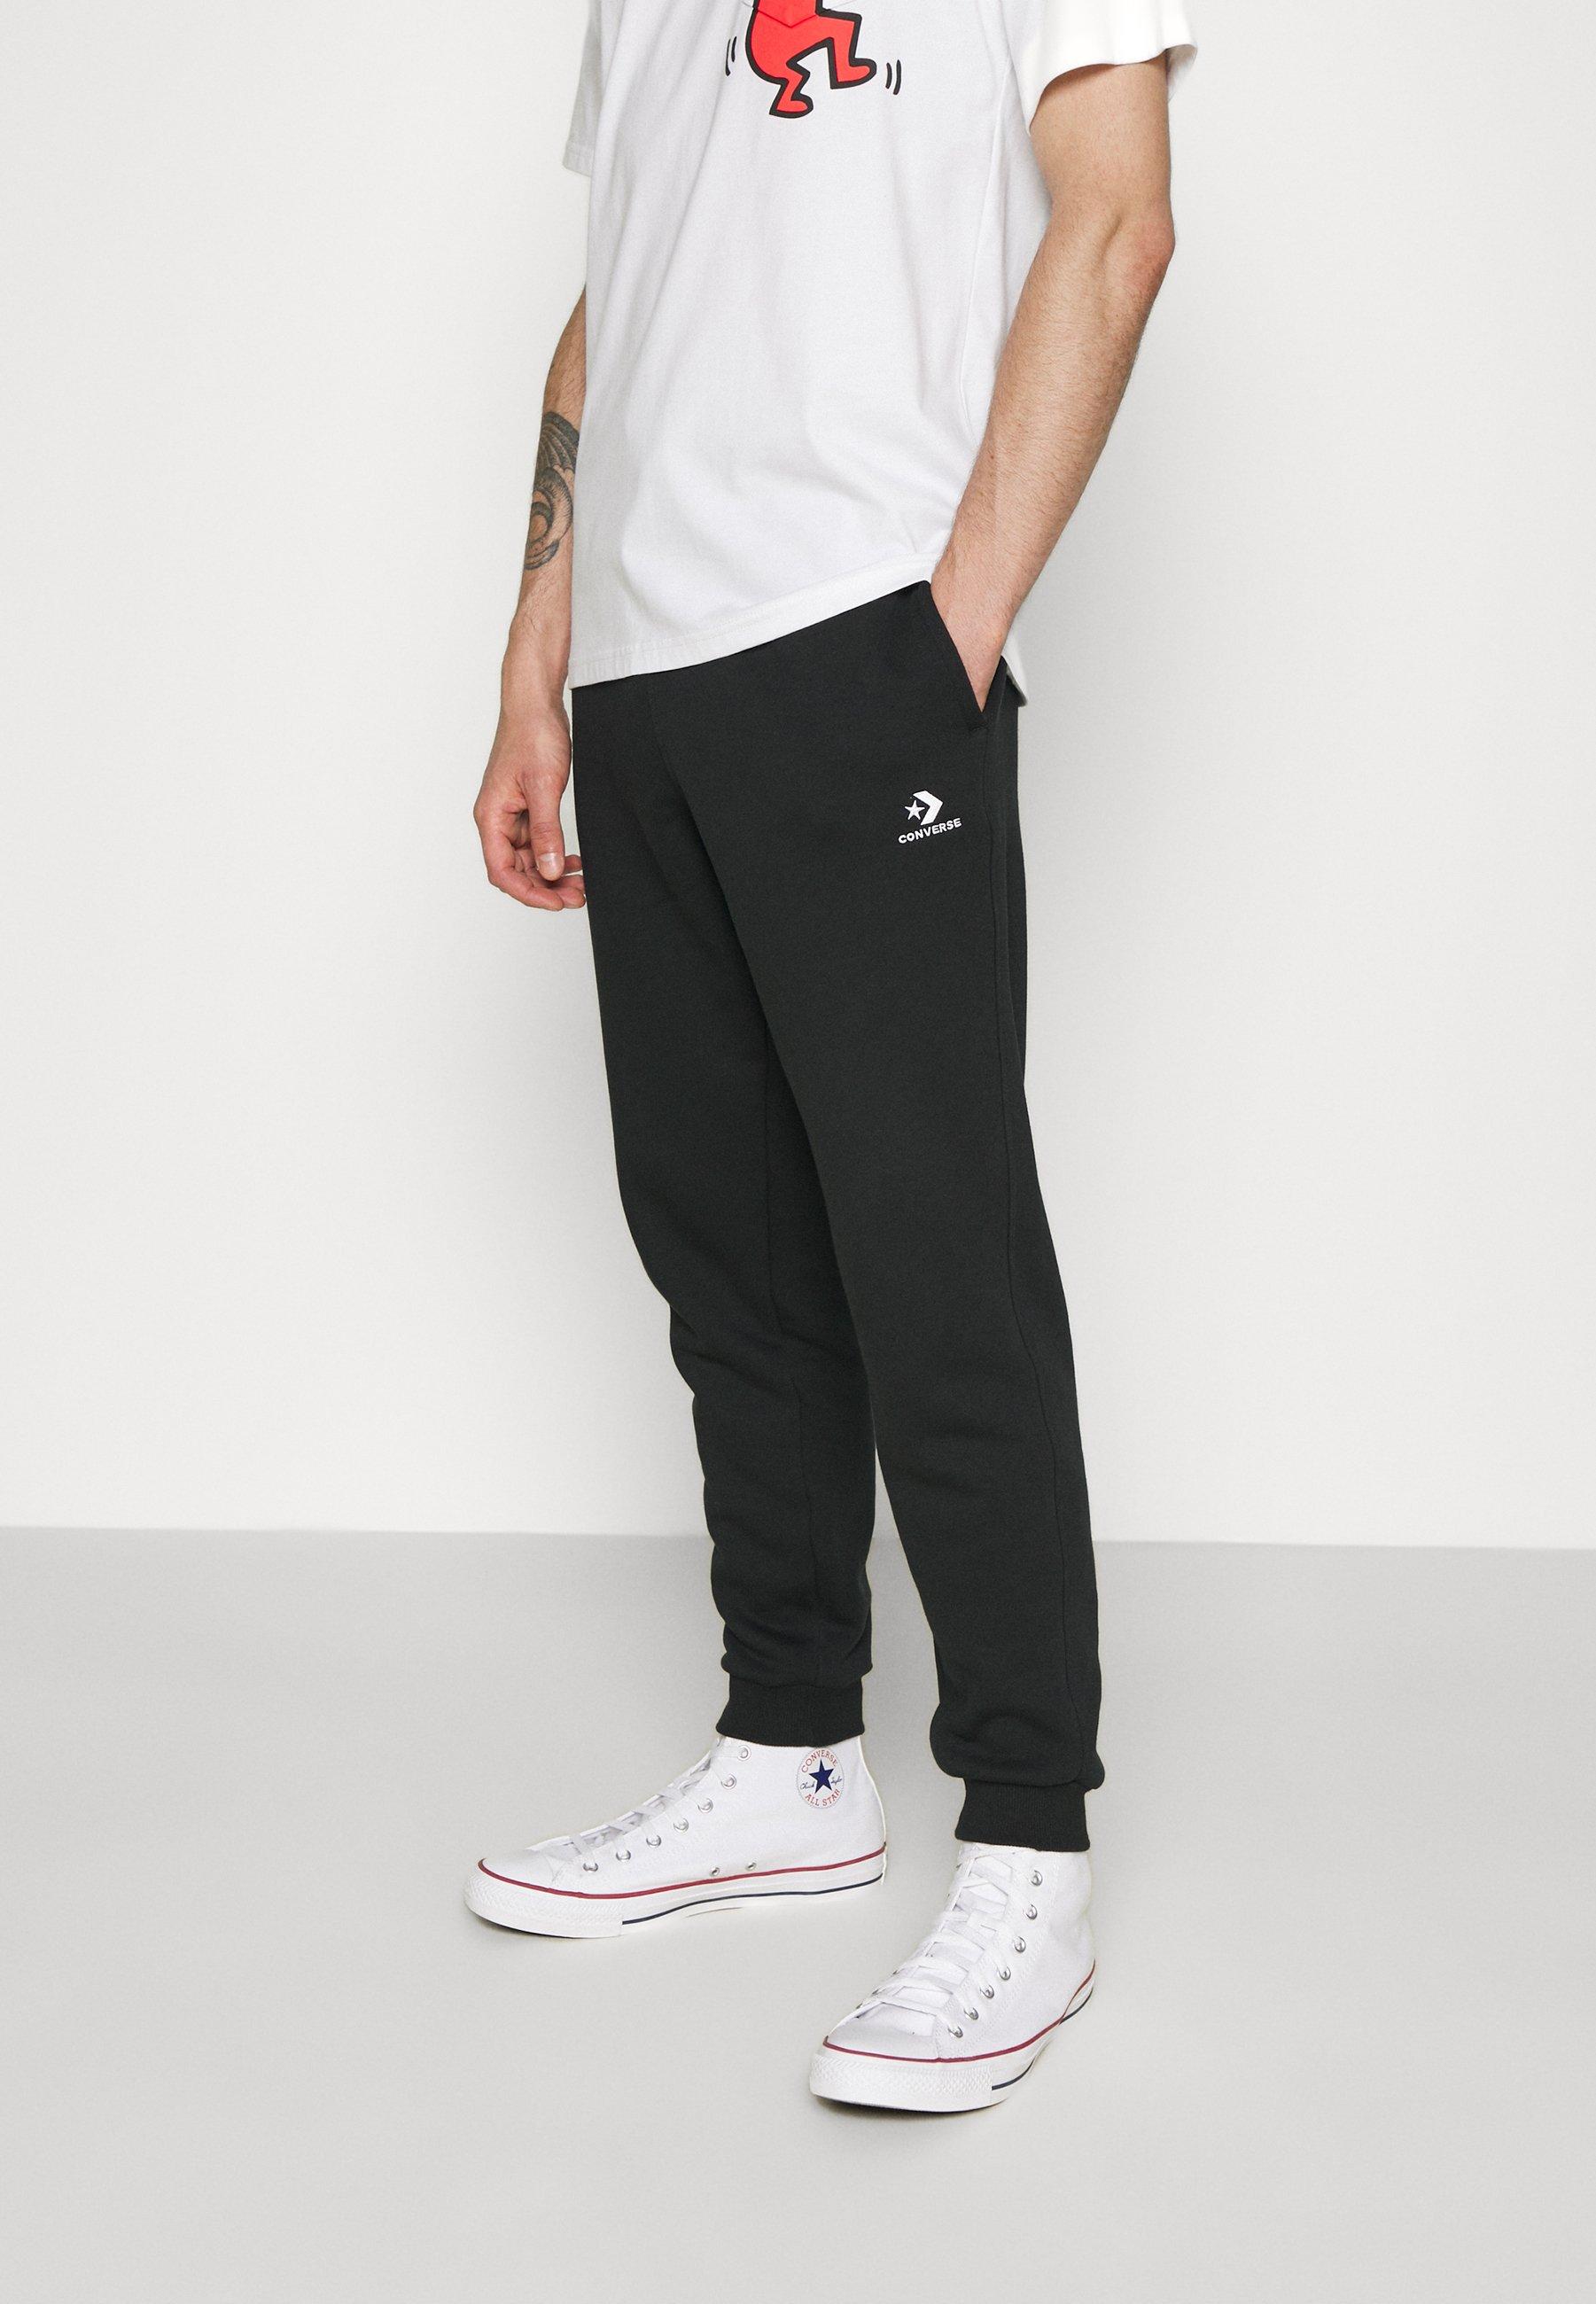 Homme MENS EMBROIDERED STAR CHEVRON PANT - Pantalon de survêtement